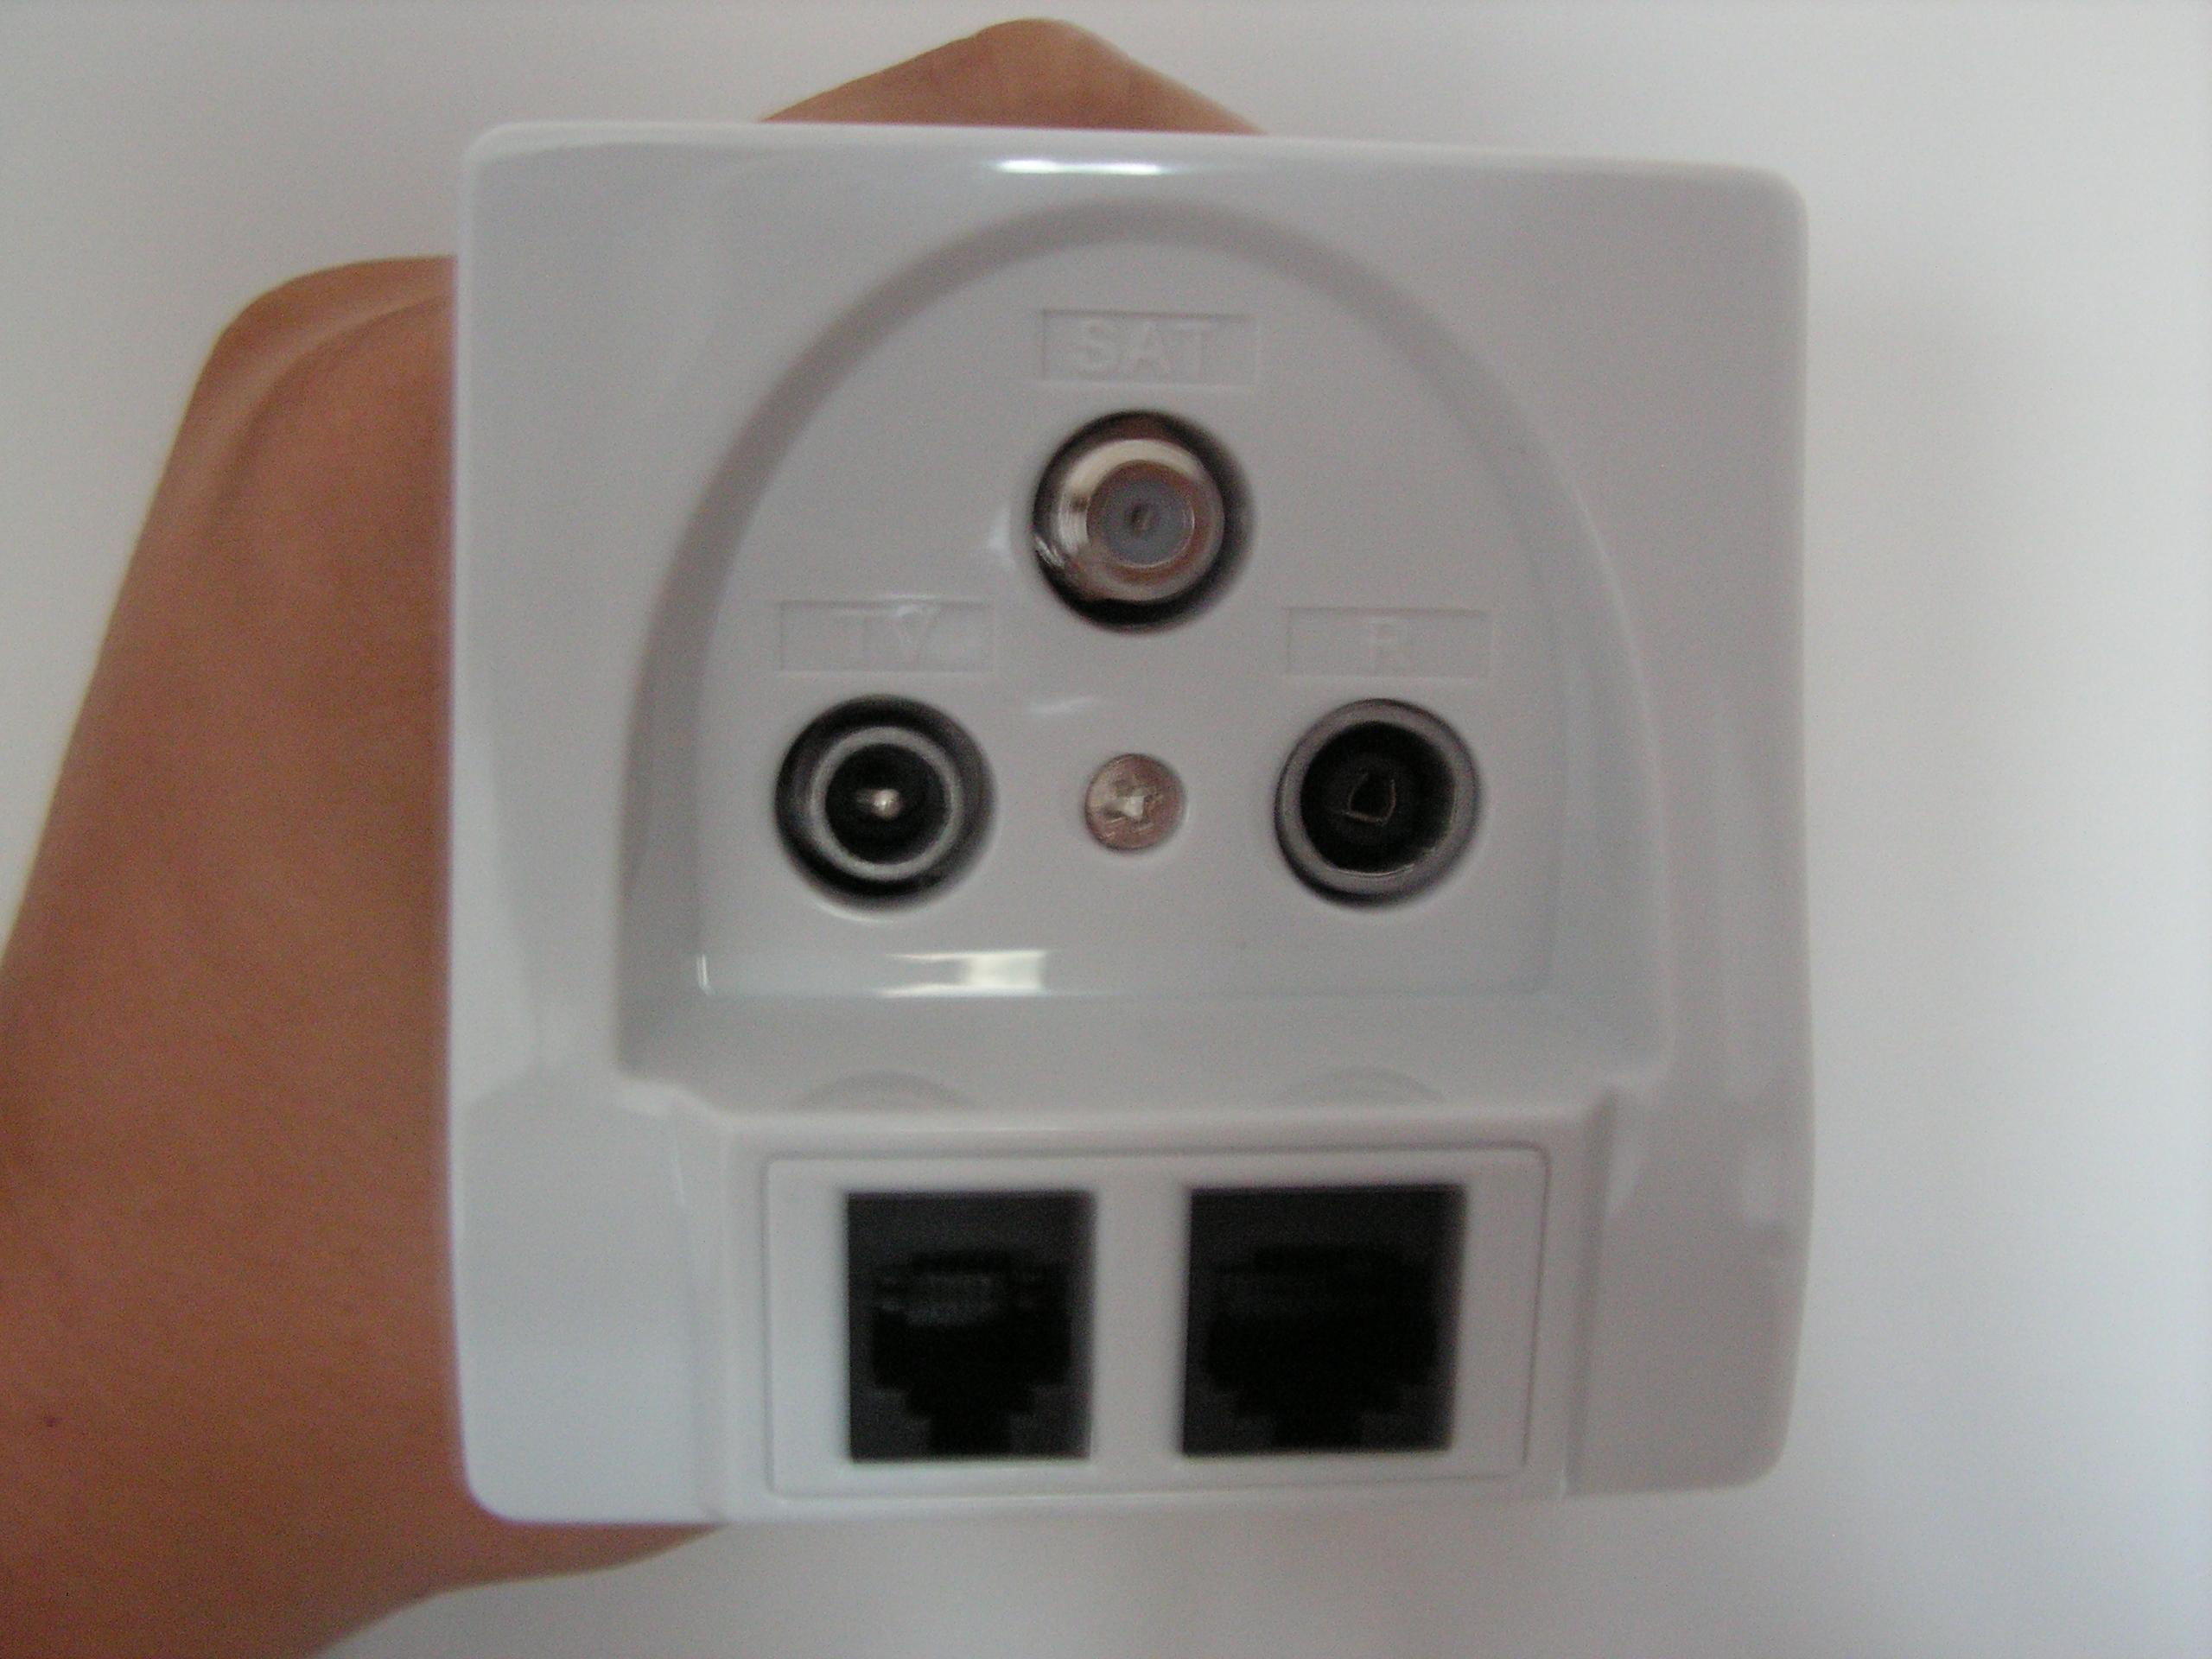 Gniazdka multimedialne w pokojach